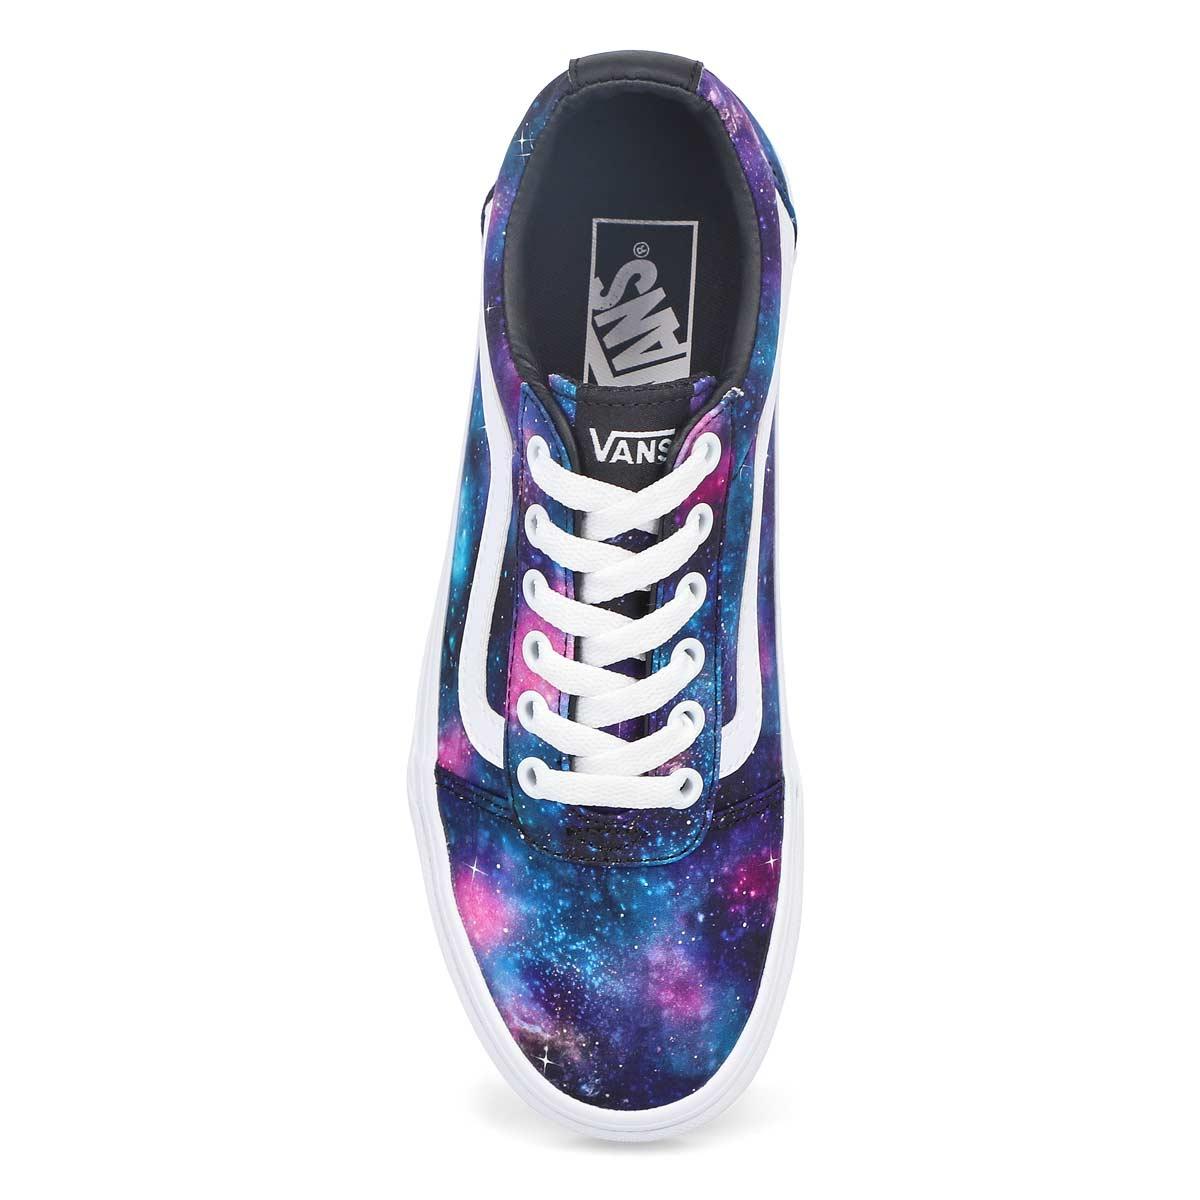 Women's Ward Sneaker - Galaxy